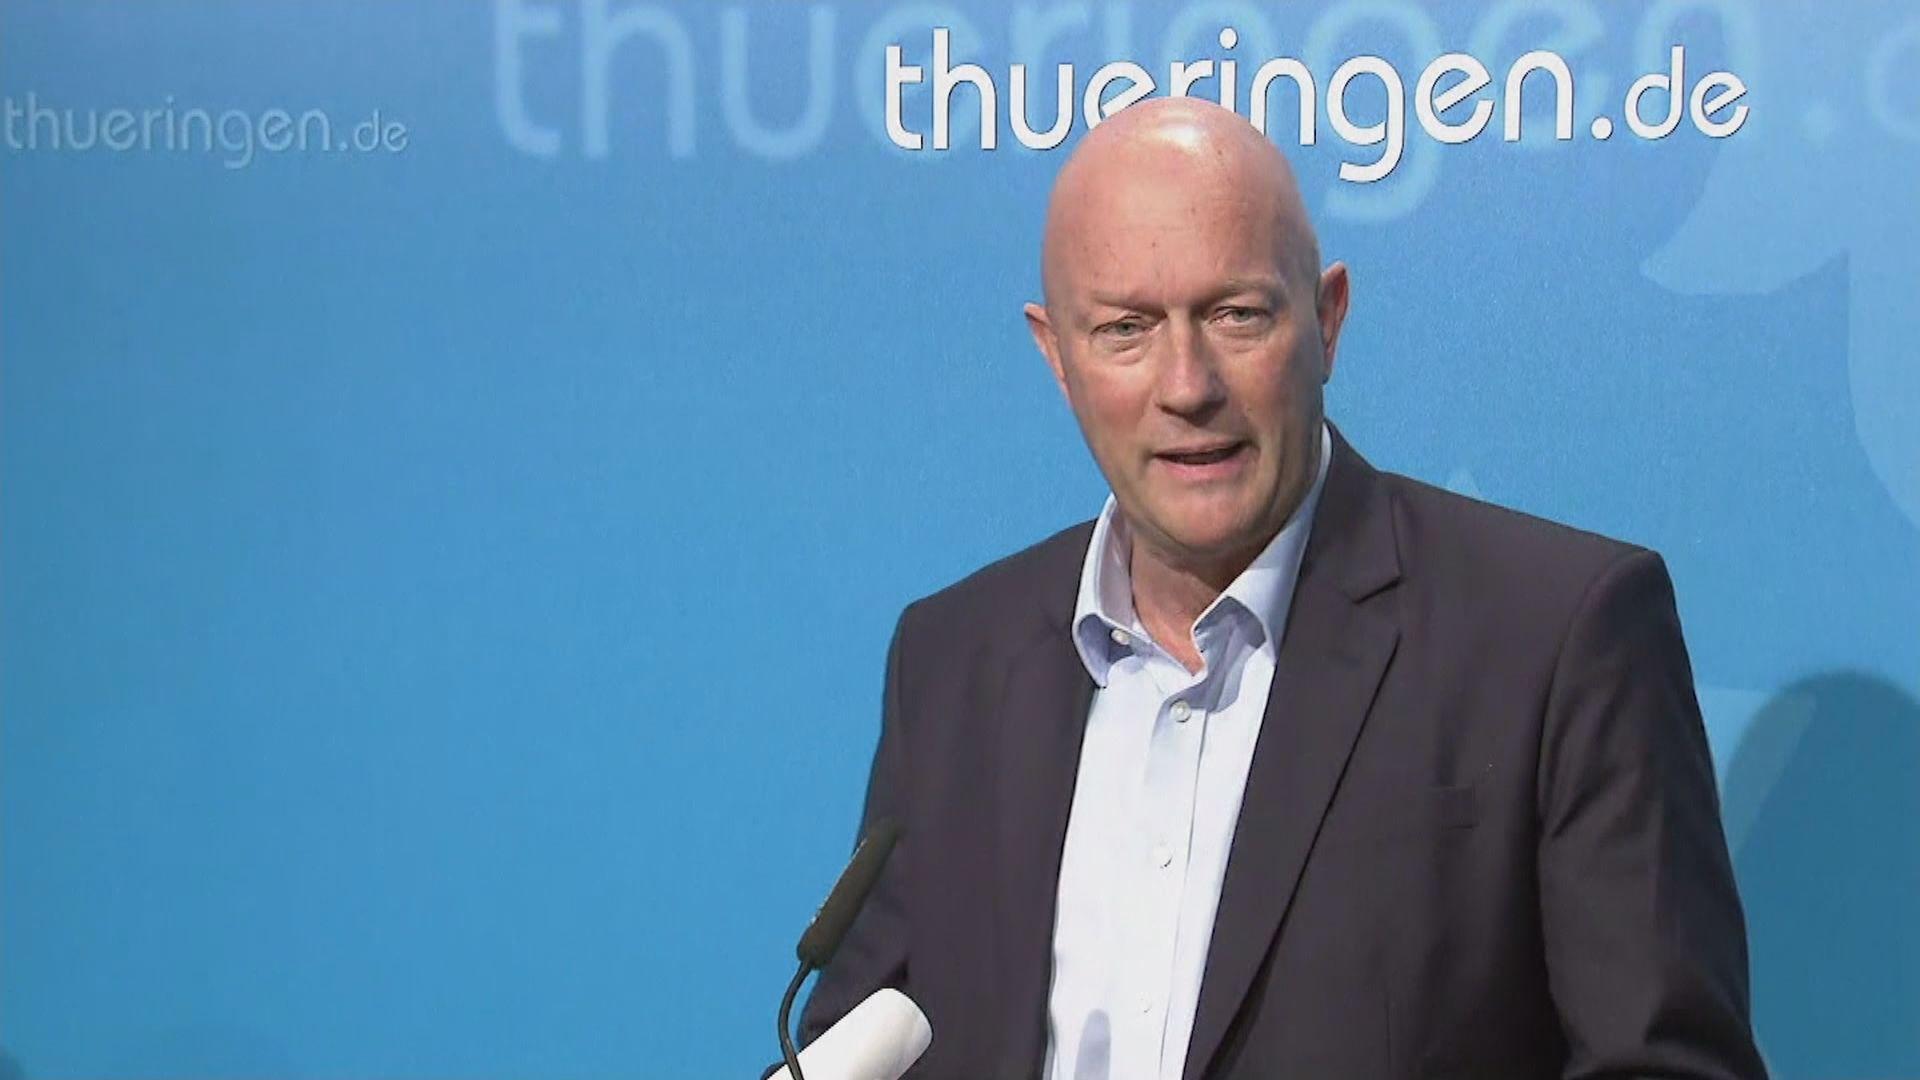 【環球薈報】德國州長選舉極右政黨造王引軒然大波